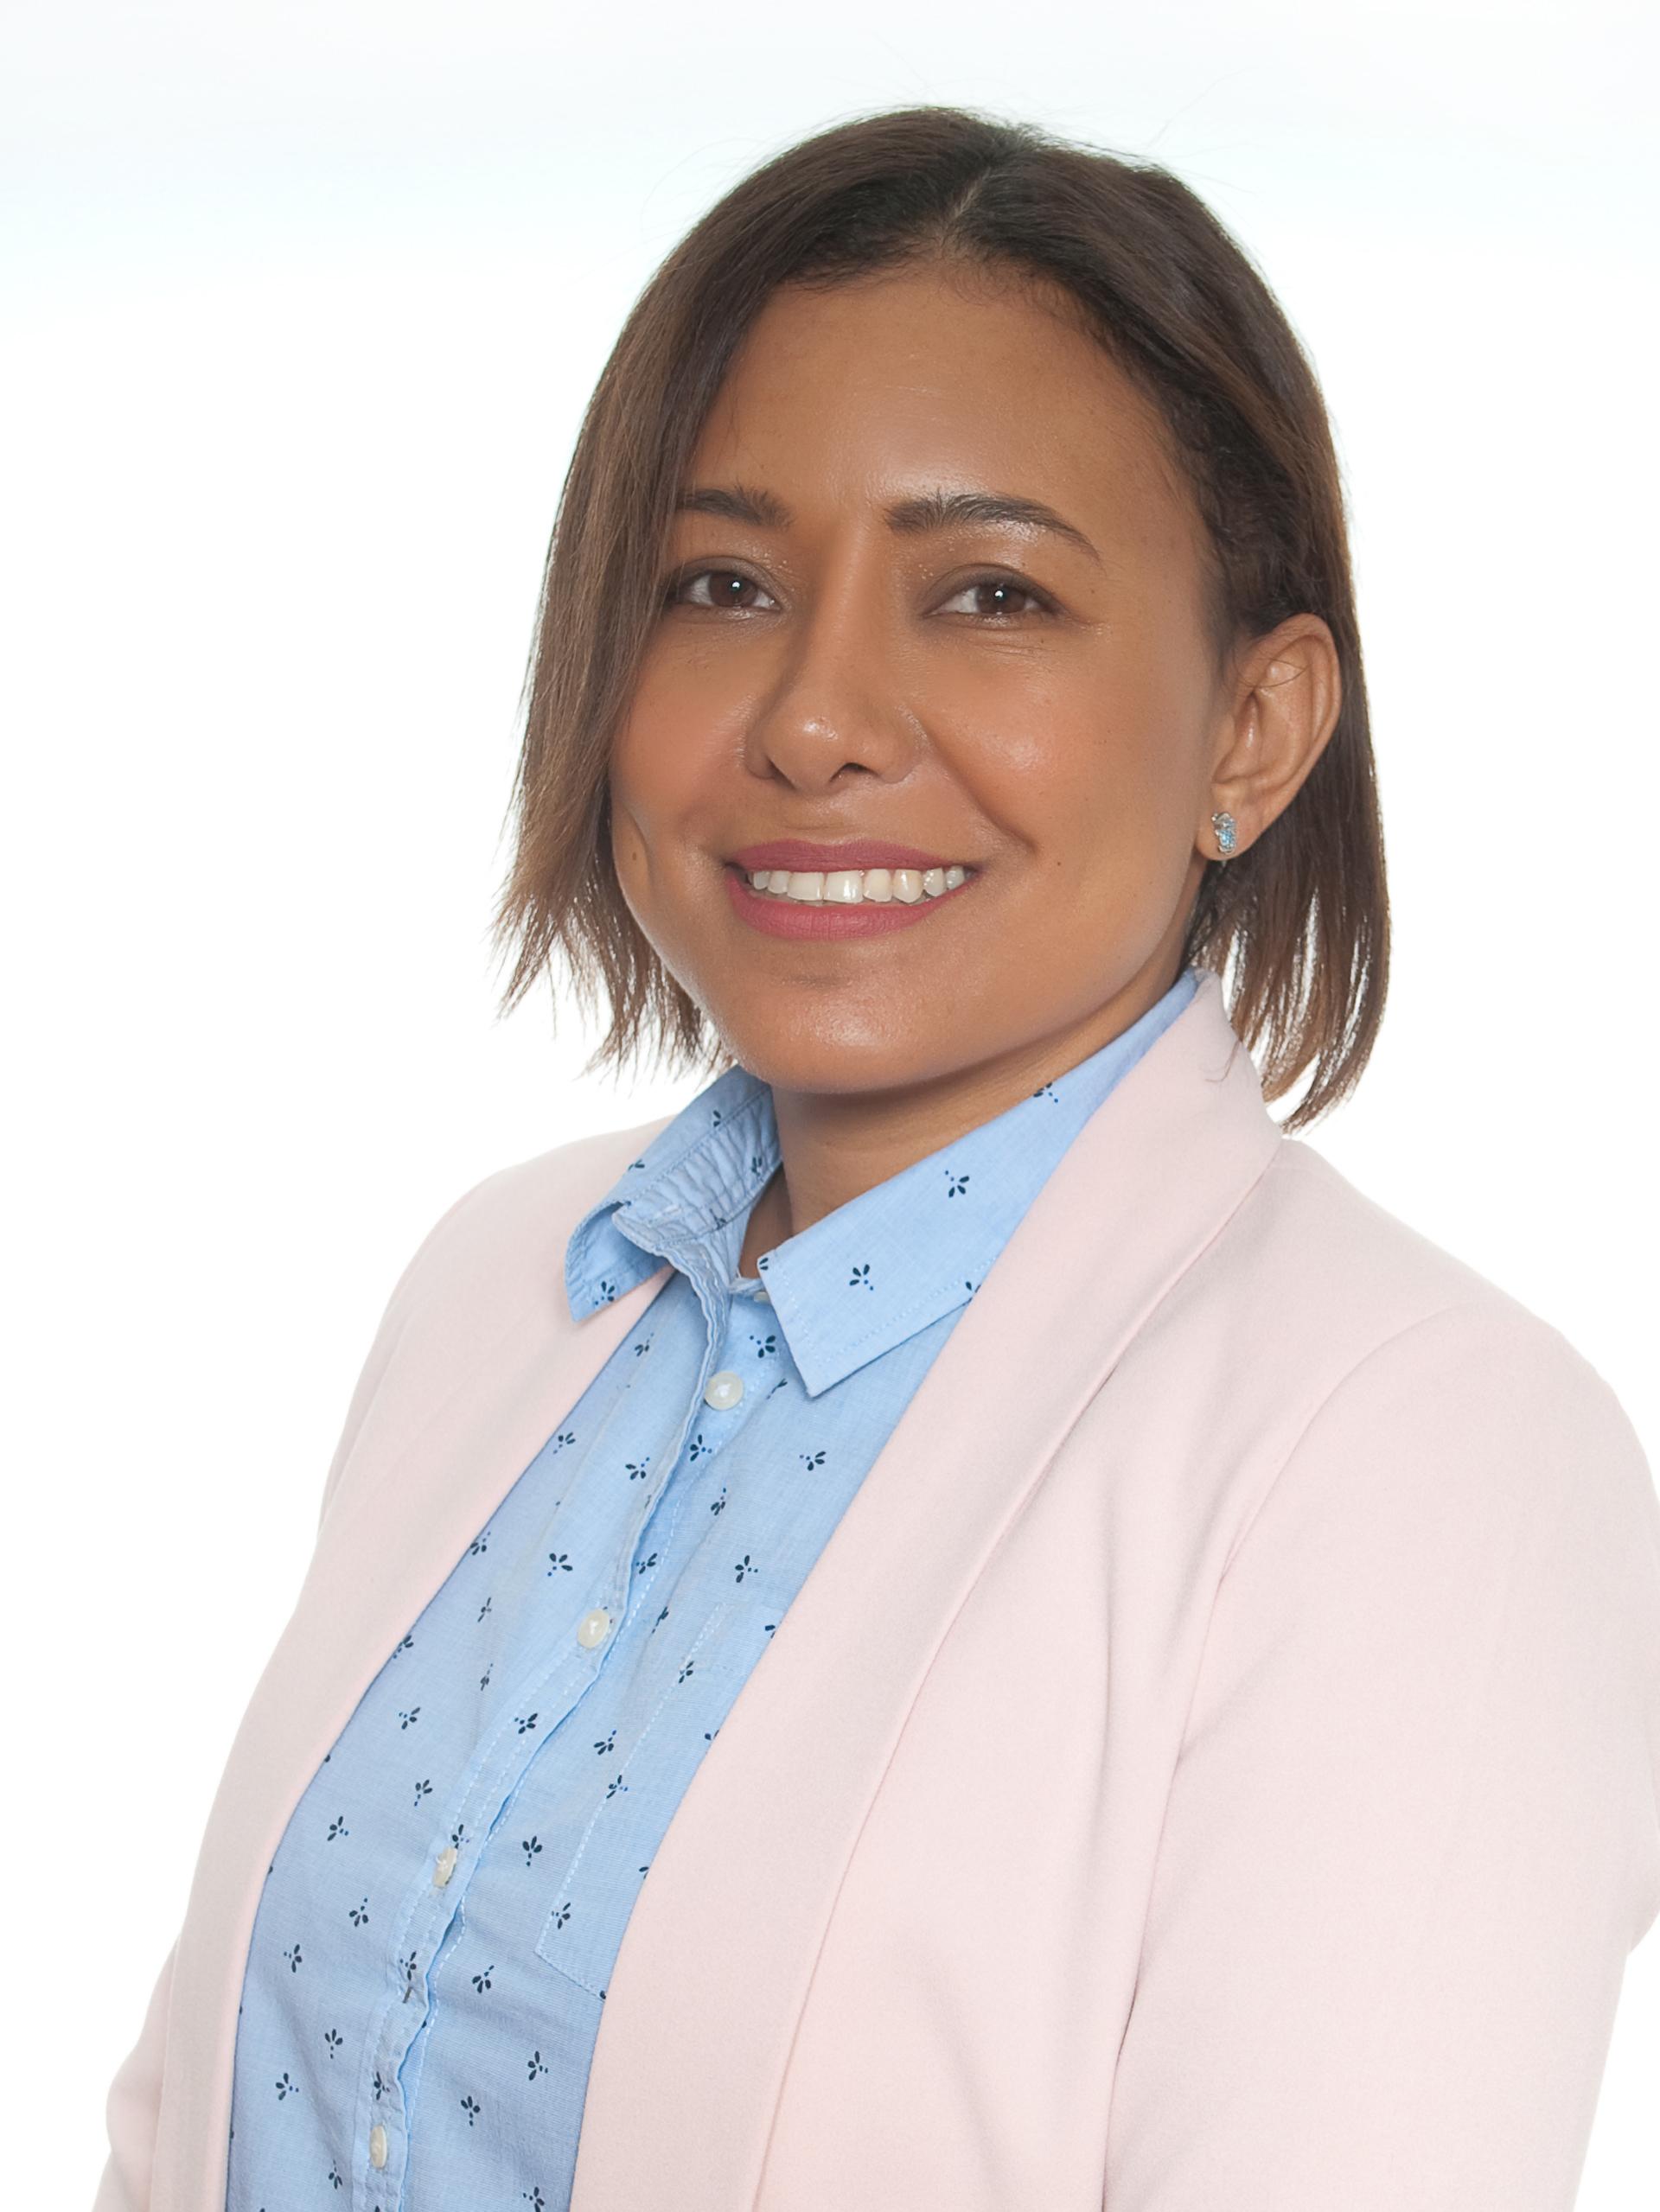 Walkiry Ramirez